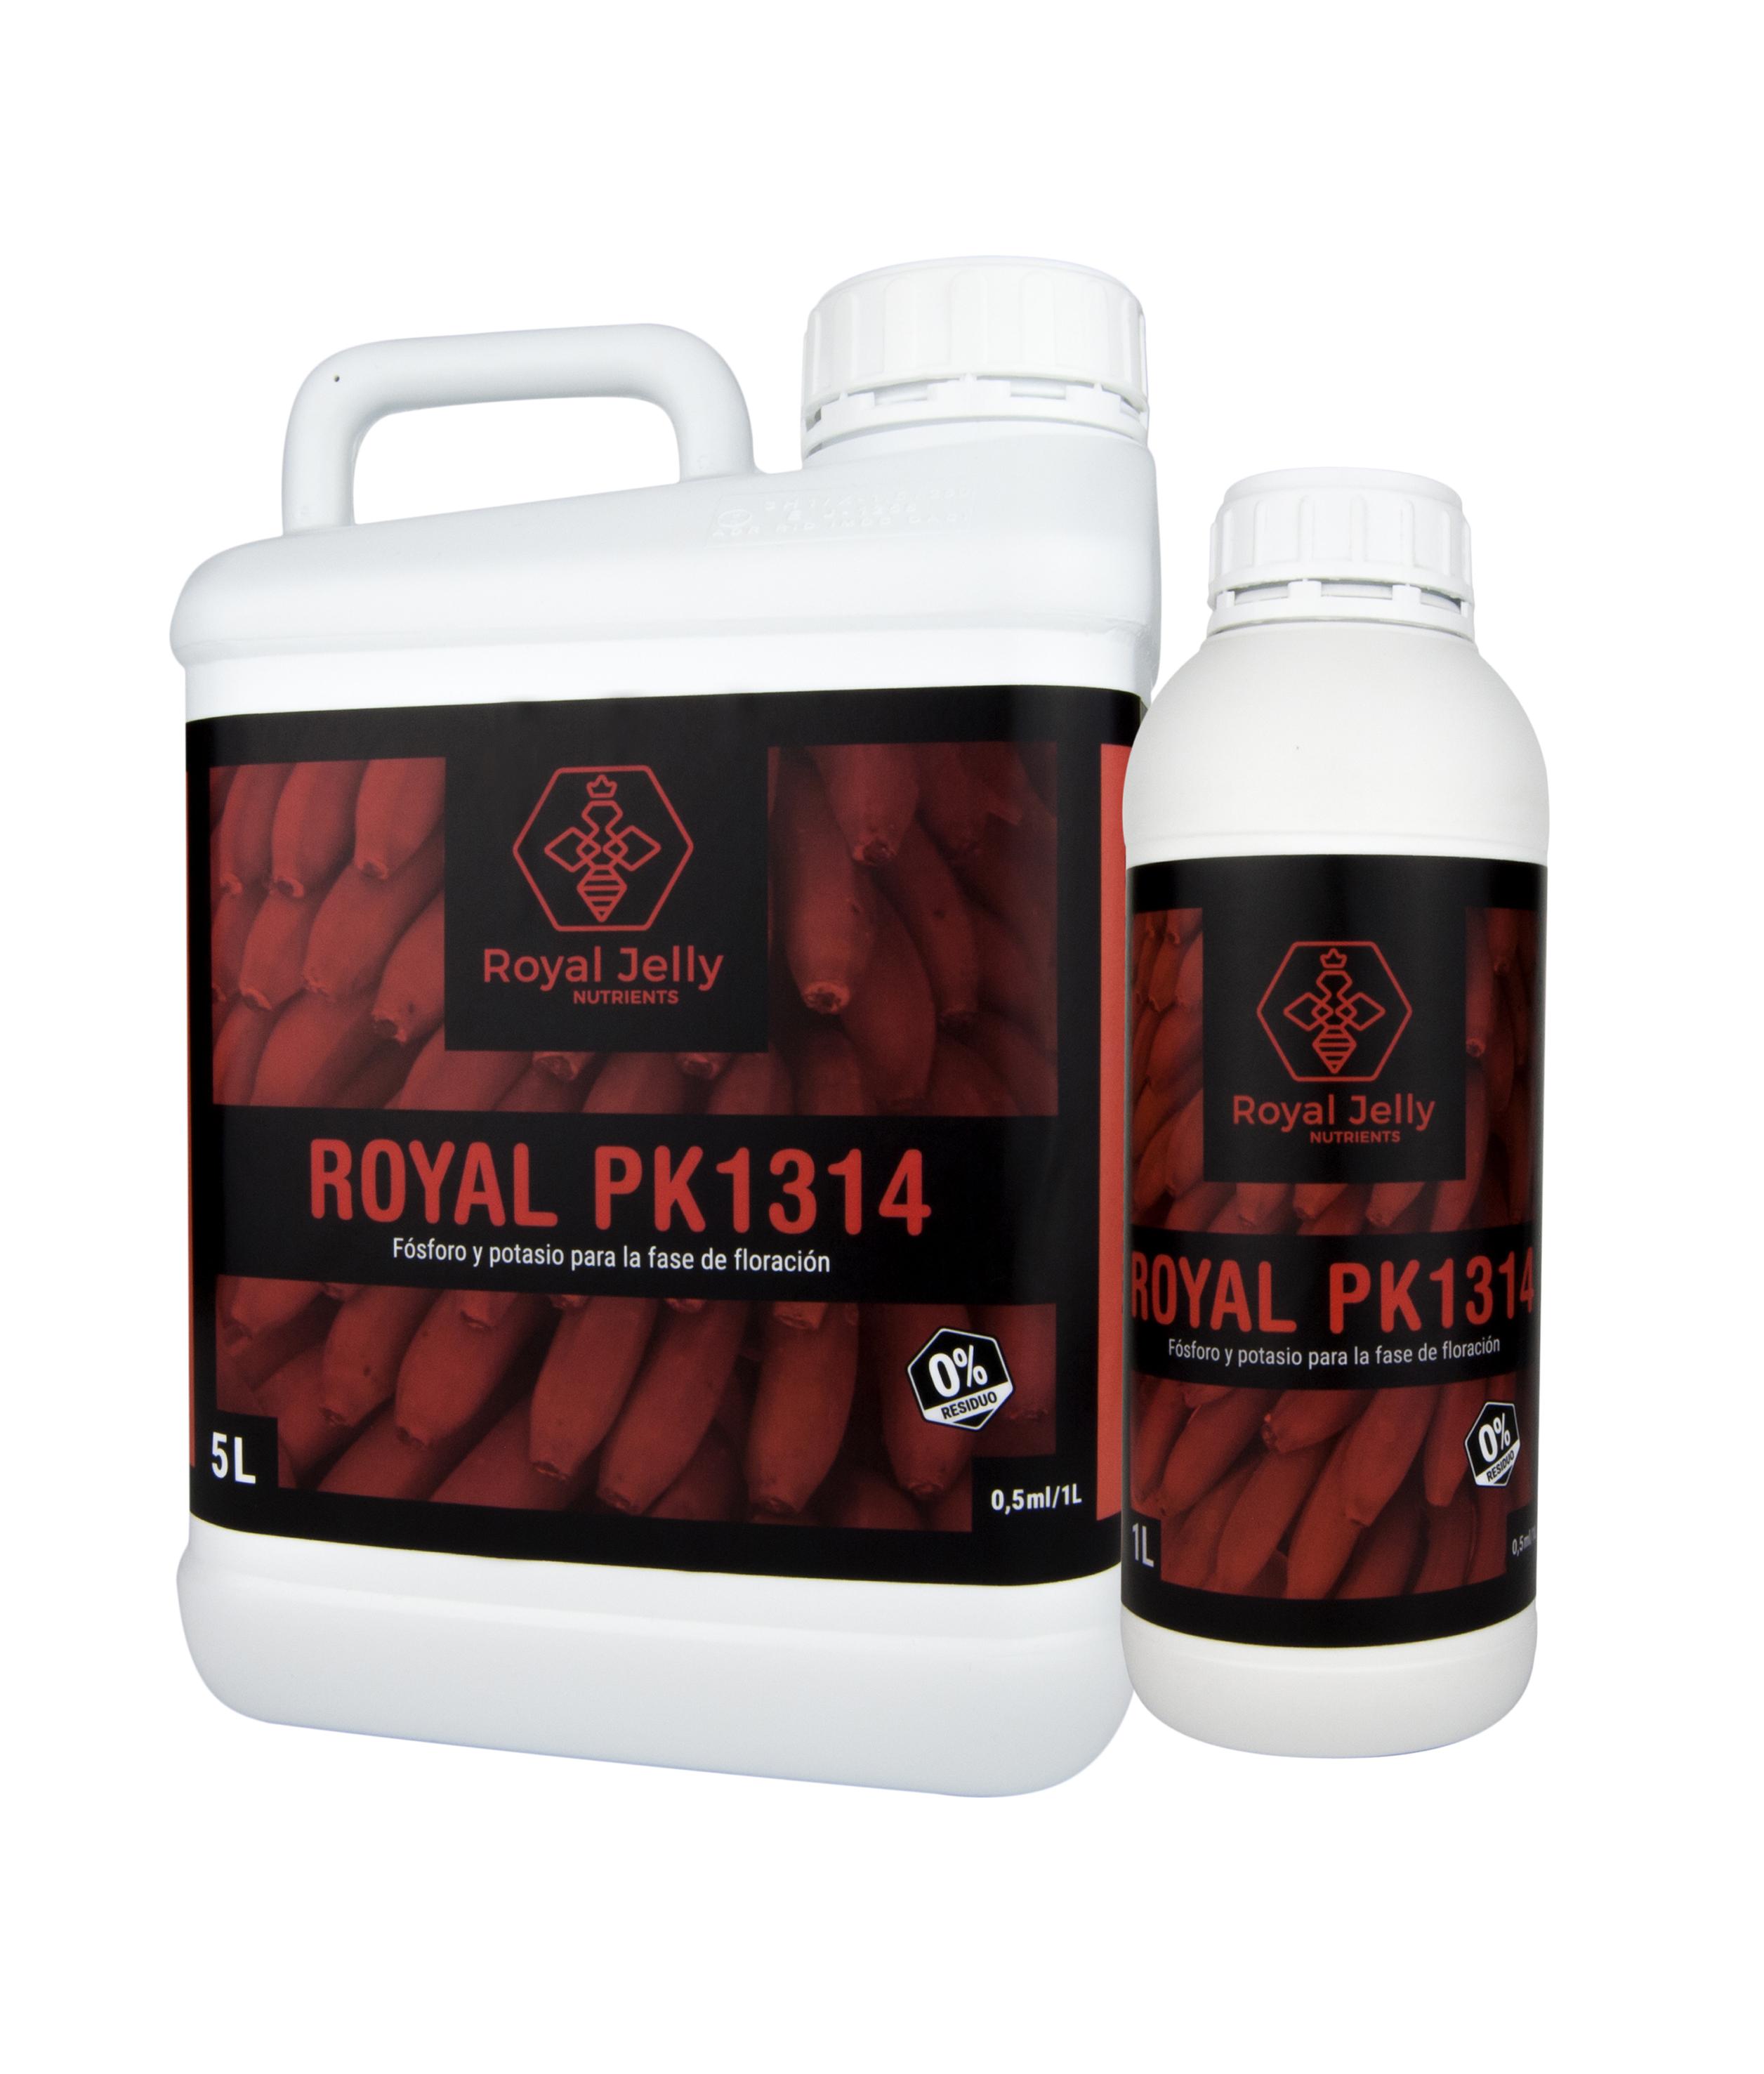 royal pk1314 bodegó proba